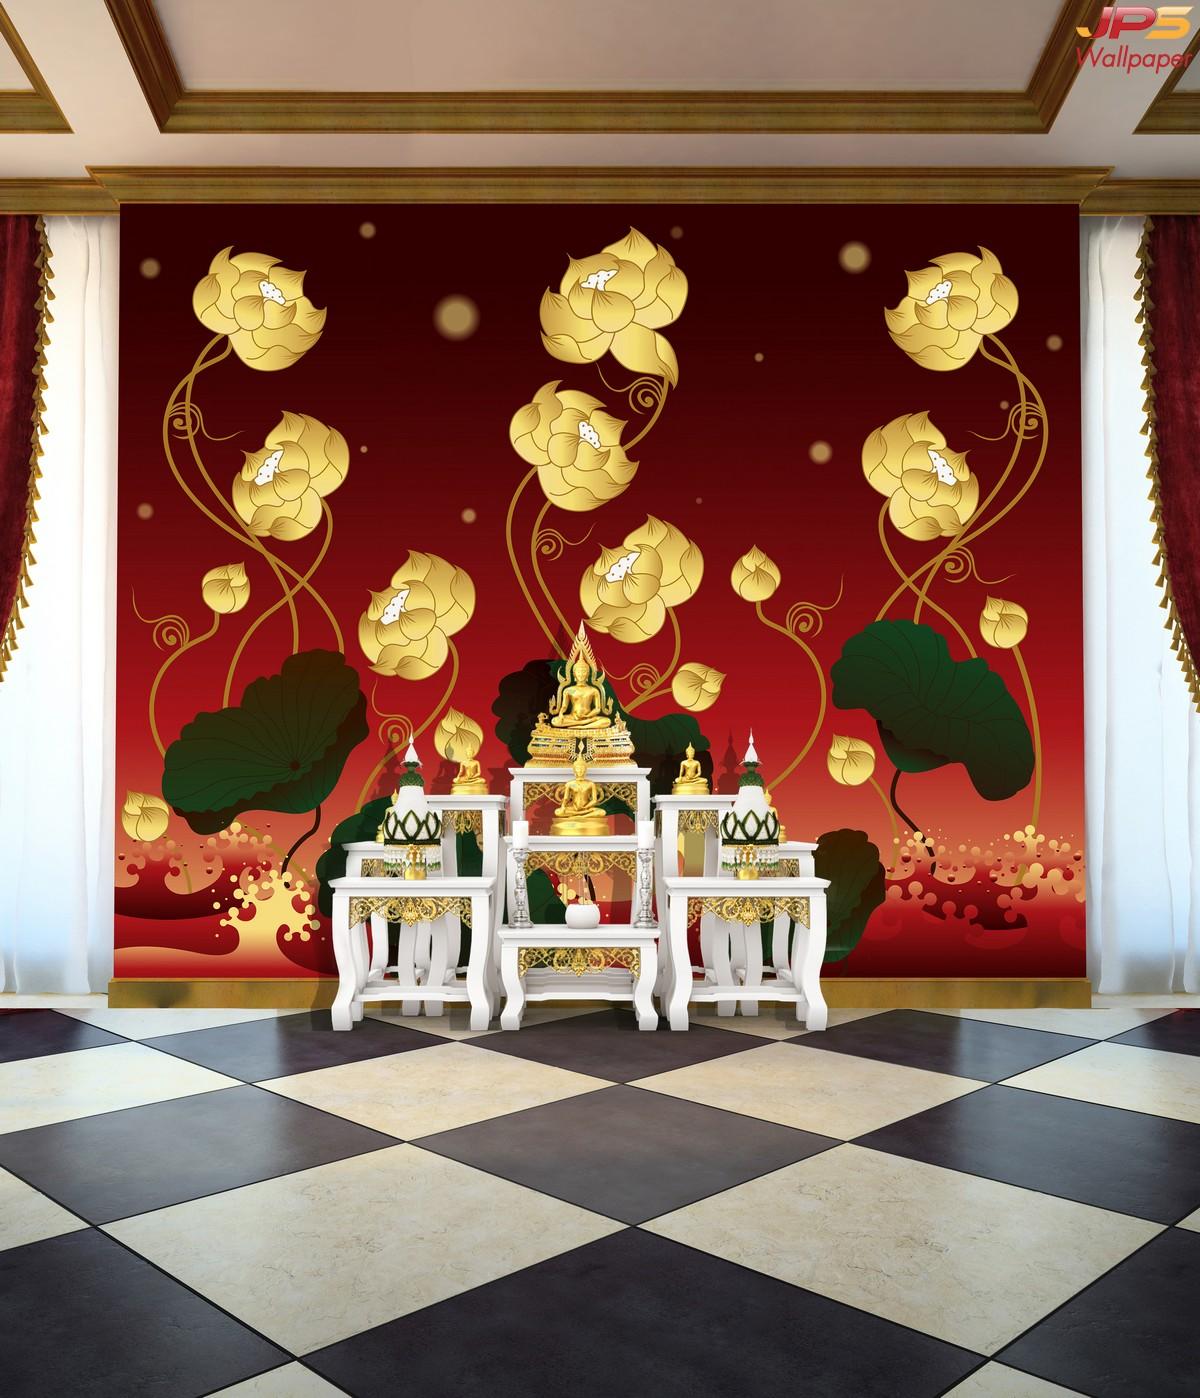 วอลเปเปอร์ลายดอกบัวสีแดง วอลเปเปอร์ห้องพระลายไทย แต่งผนังห้องพระลายดอกบัว ผนังห้องพระในบ้าน